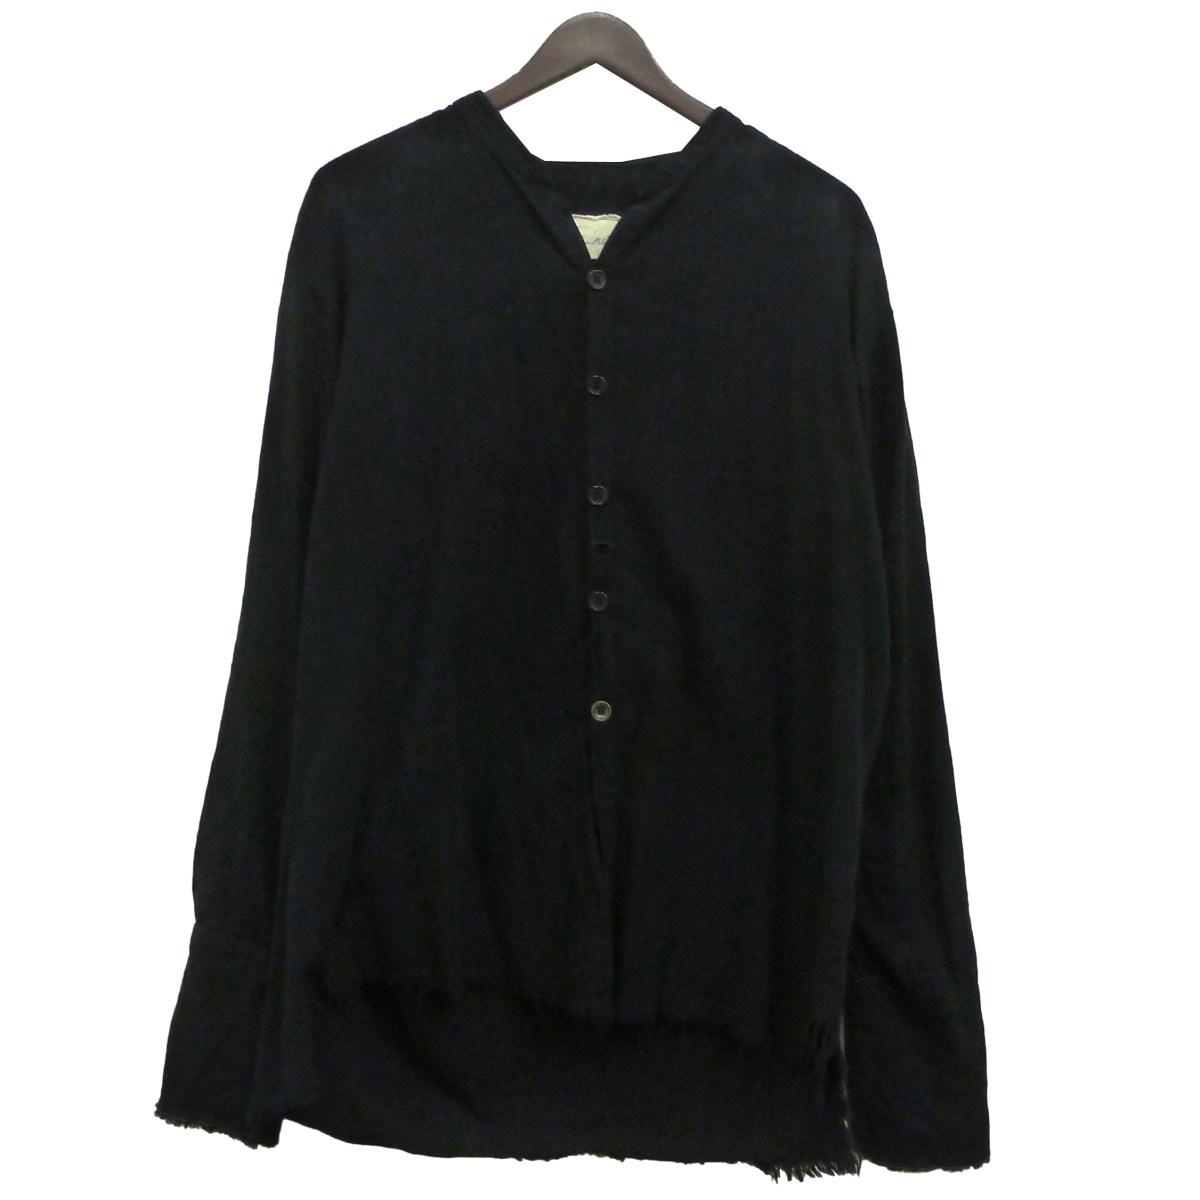 【中古】GREG LAUREN 「THE FLANNEL STUDIO SHIRT」フランネルシャツ ブラック サイズ:4 【120320】(グレッグローレン)